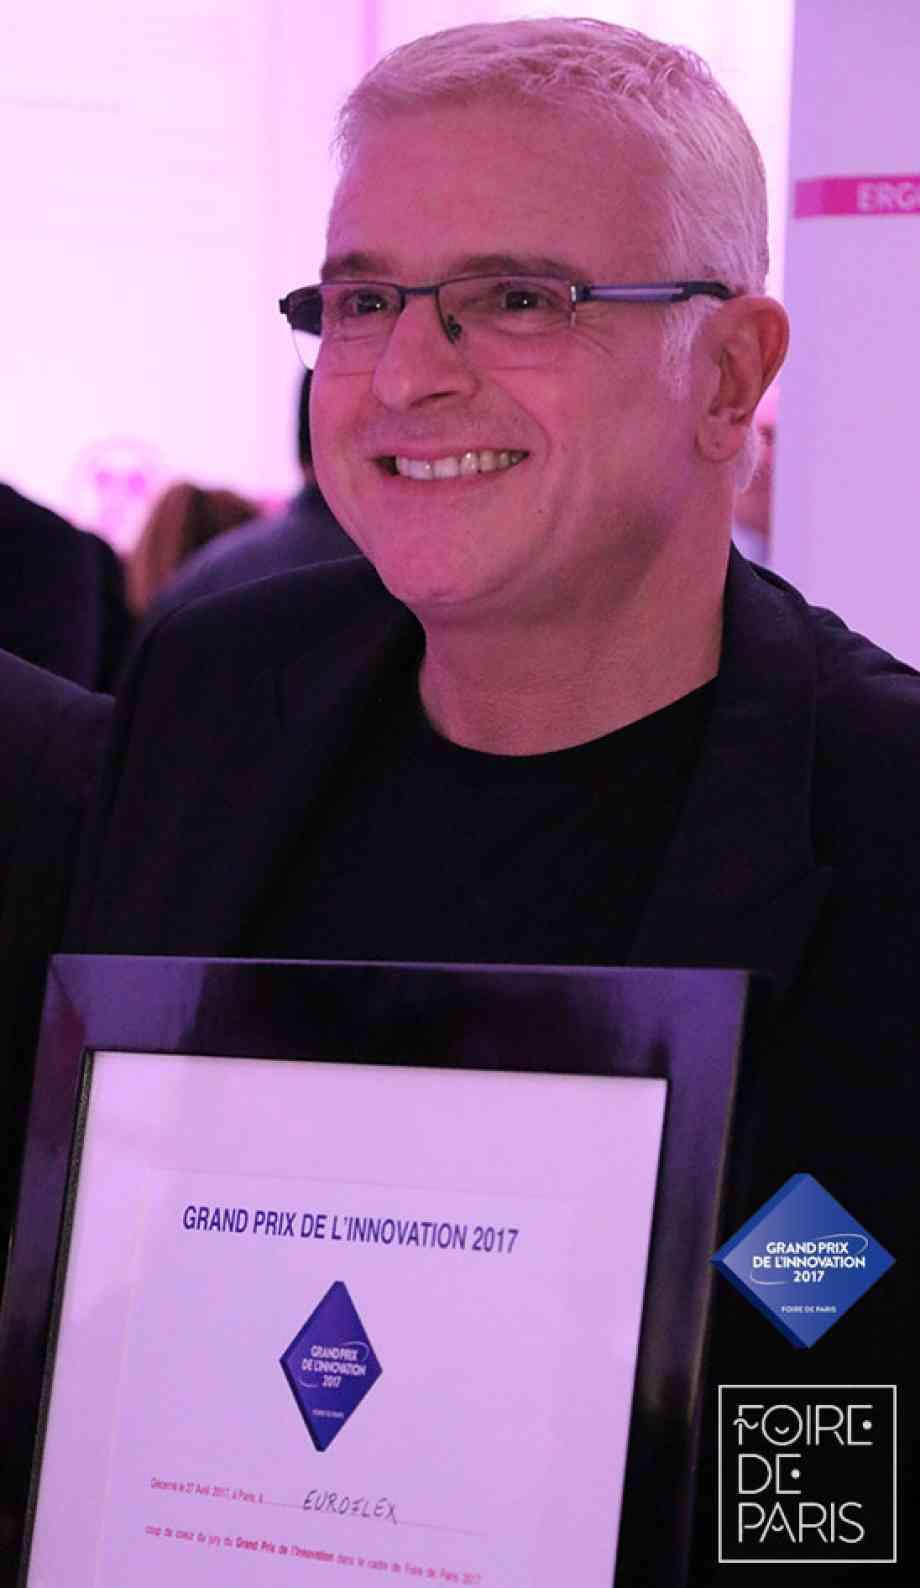 Foire de Paris - Grand prix de l'innovation - Coup de coeur